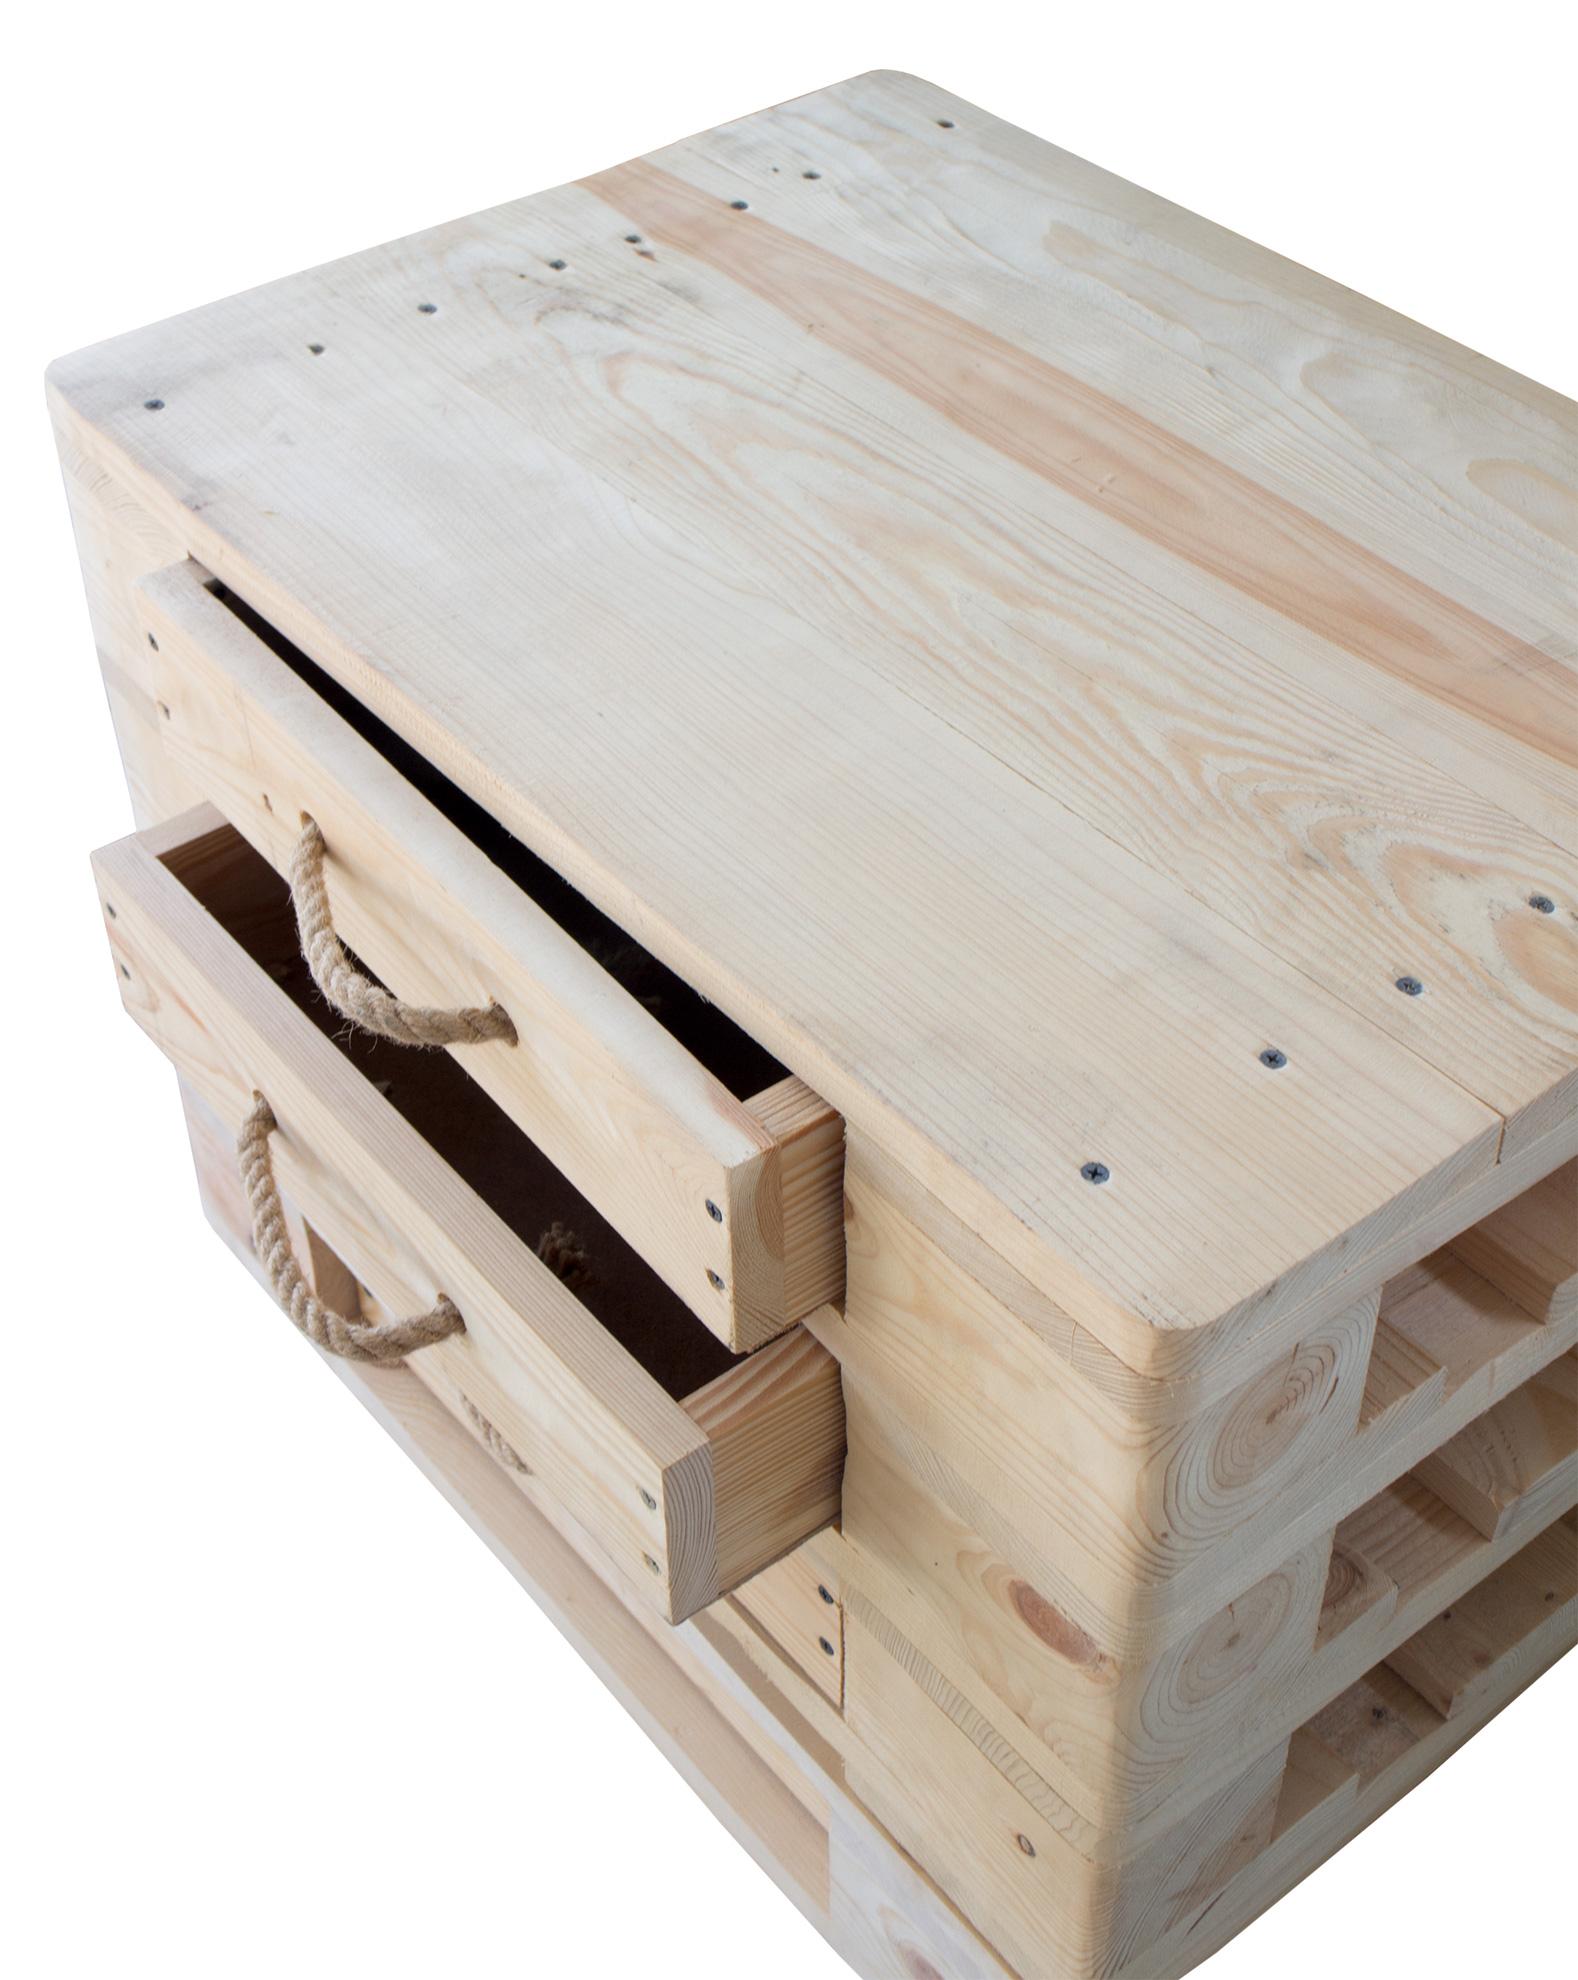 m bel kommode aus palettenholz in natur optik mit kordel 66x48x38cm. Black Bedroom Furniture Sets. Home Design Ideas